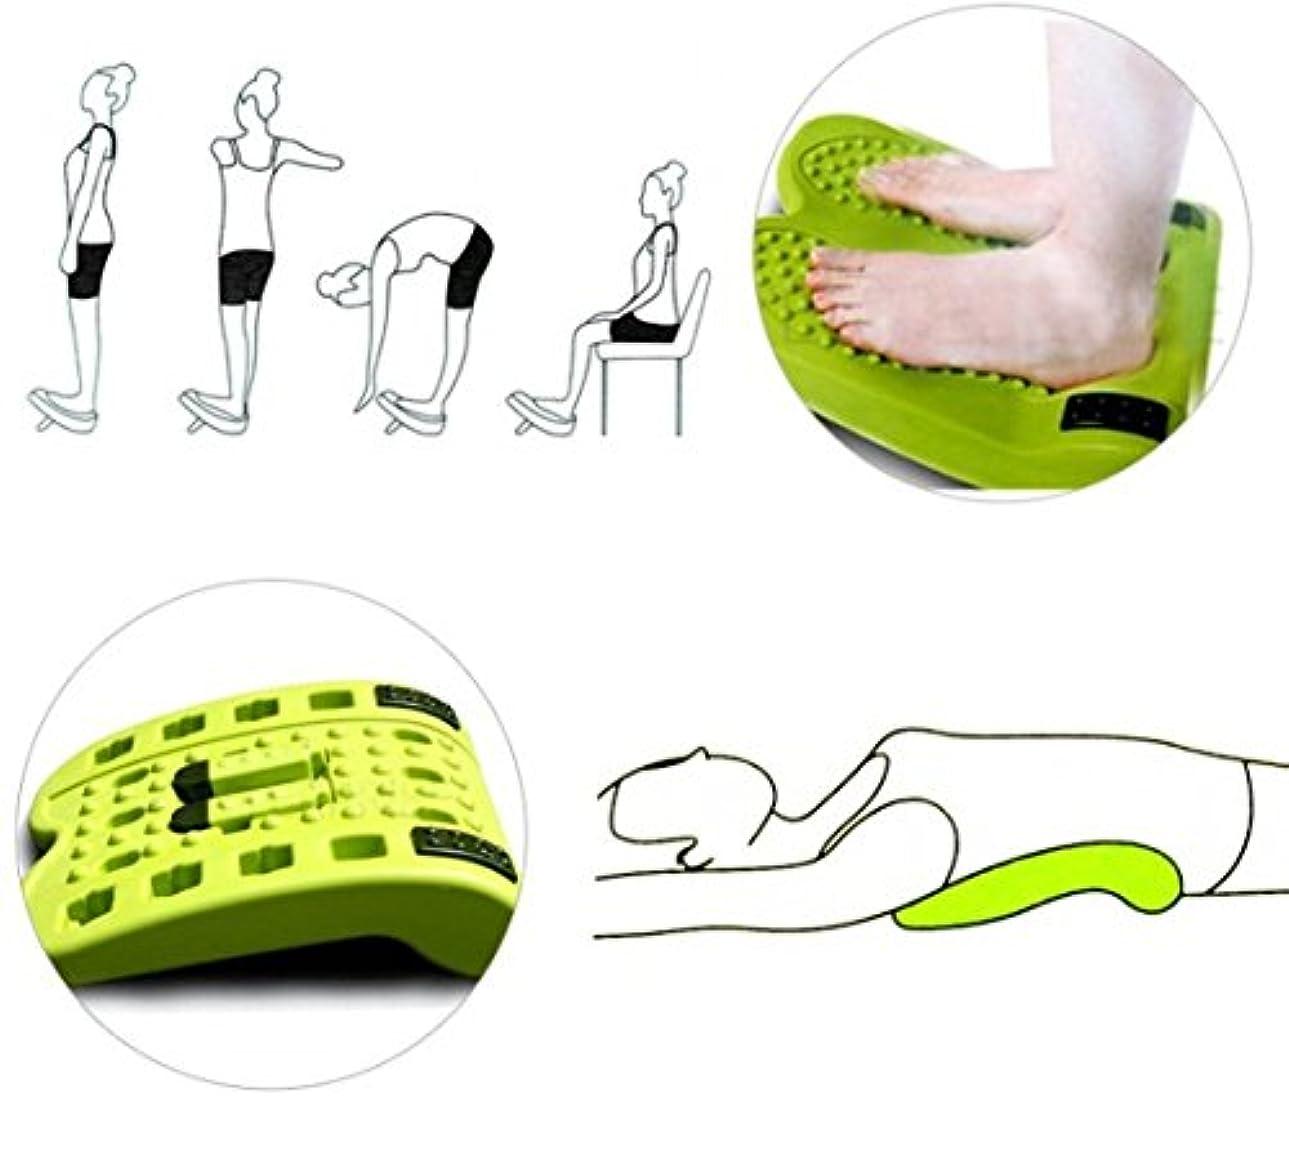 布気候ジャングルIWANNA足のストレッチマルチ傾斜ボード3段階の調節可能な傾斜+など、足のストレッチマッサージ(海外直送品)